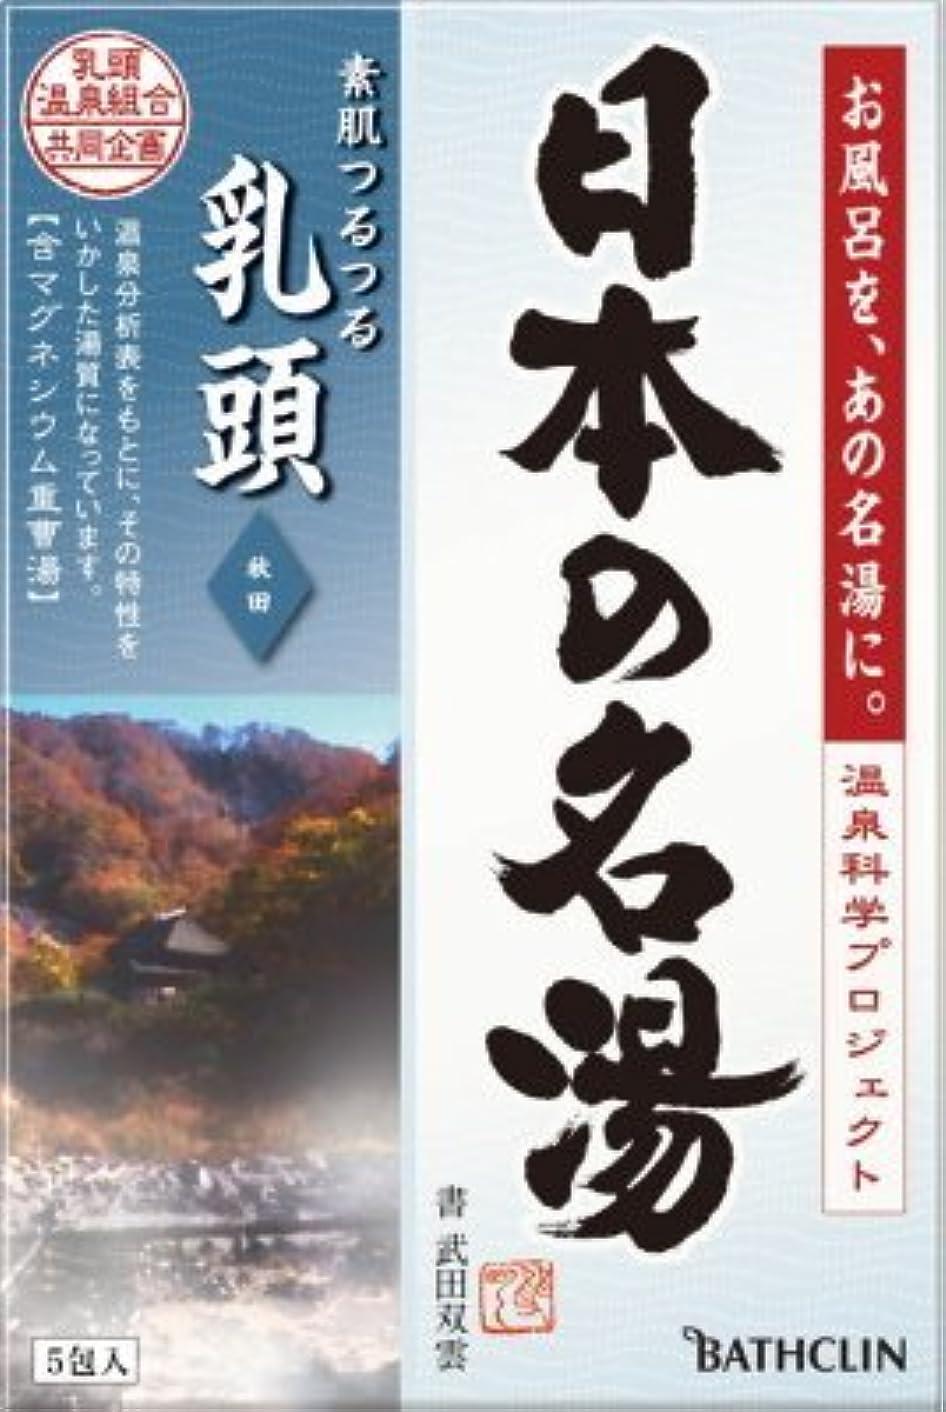 先行する密輸照らす日本の名湯 乳頭 30g 5包 にごりタイプ 入浴剤 (医薬部外品) × 10個セット